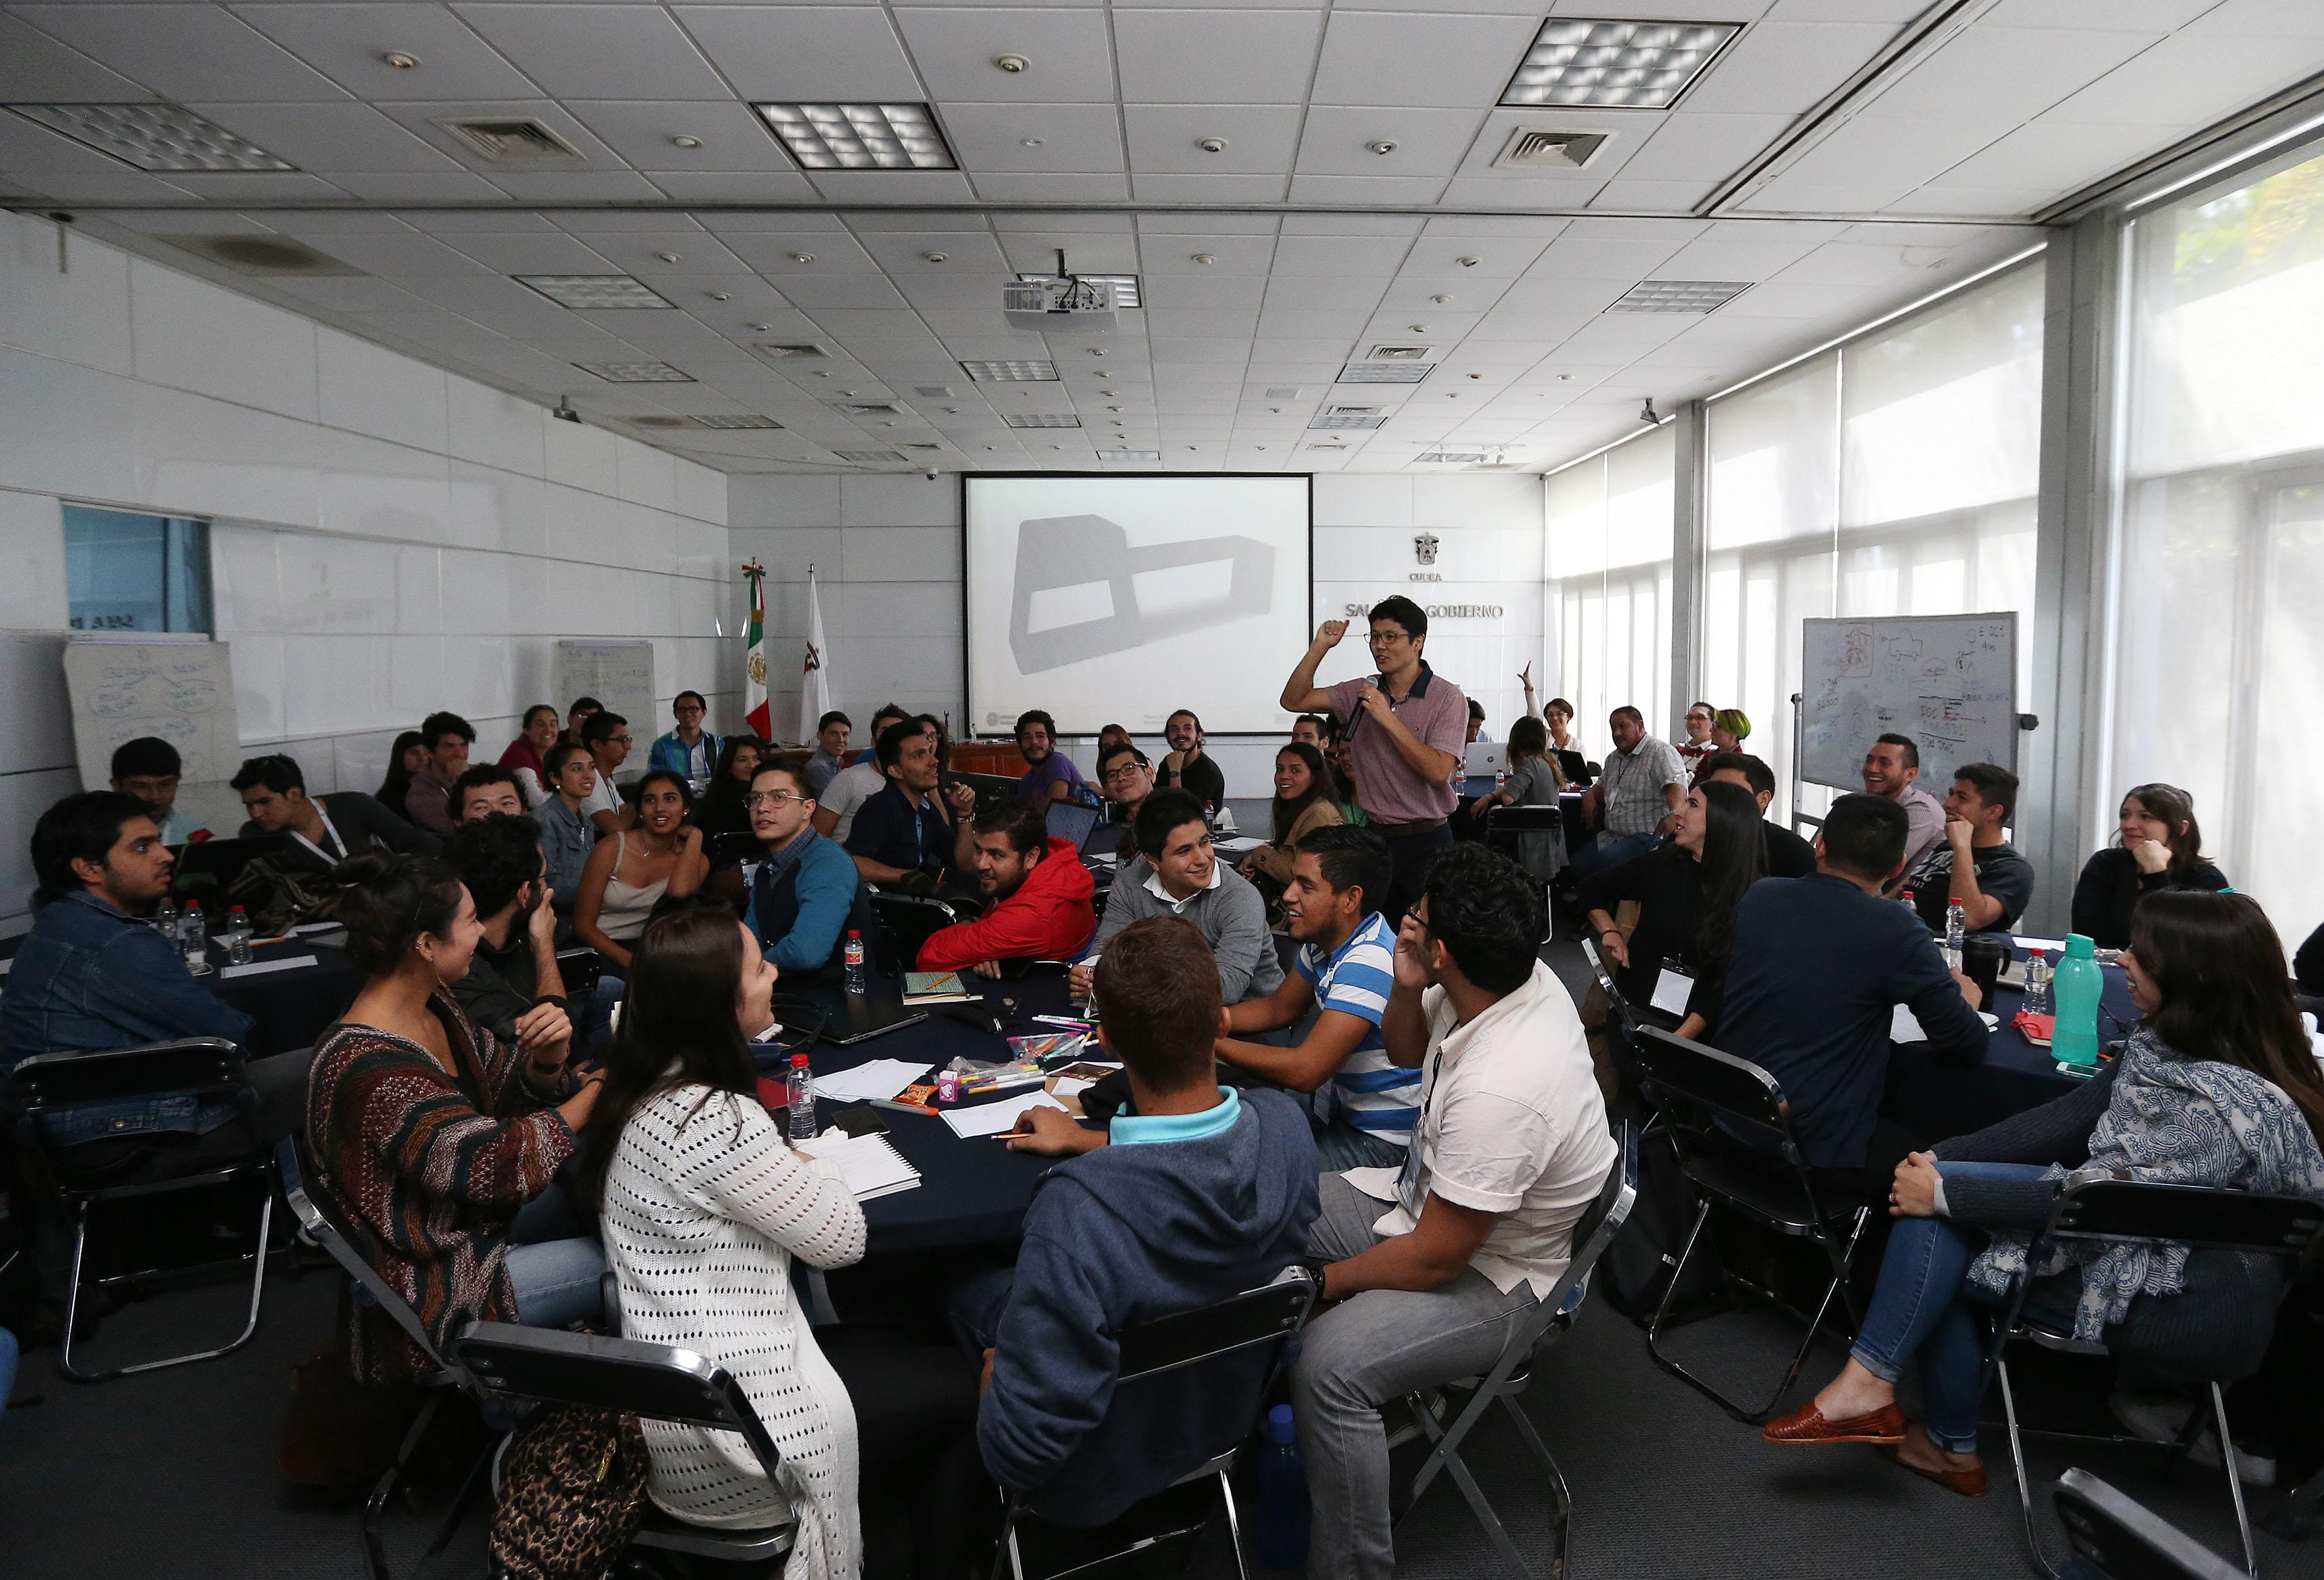 """Estudiantes universitarios asistentes al taller de """"You can innovate"""", con entusiasmo, poniendo atención a su mentor."""